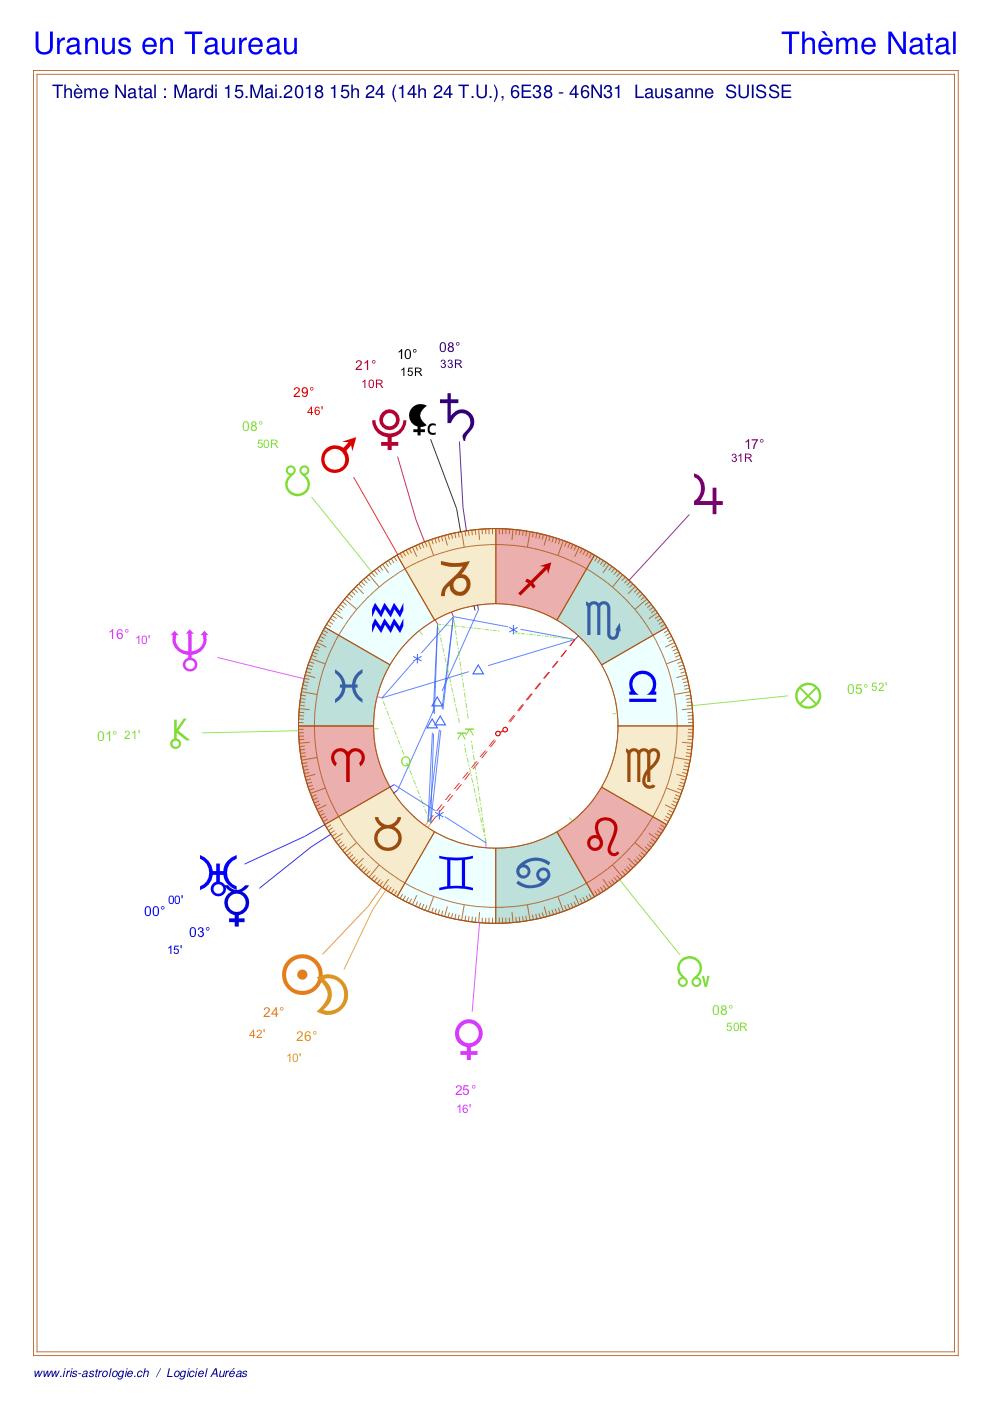 Entrée d'Uranus en Taureau : le thème astral (carte du ciel astrologique)